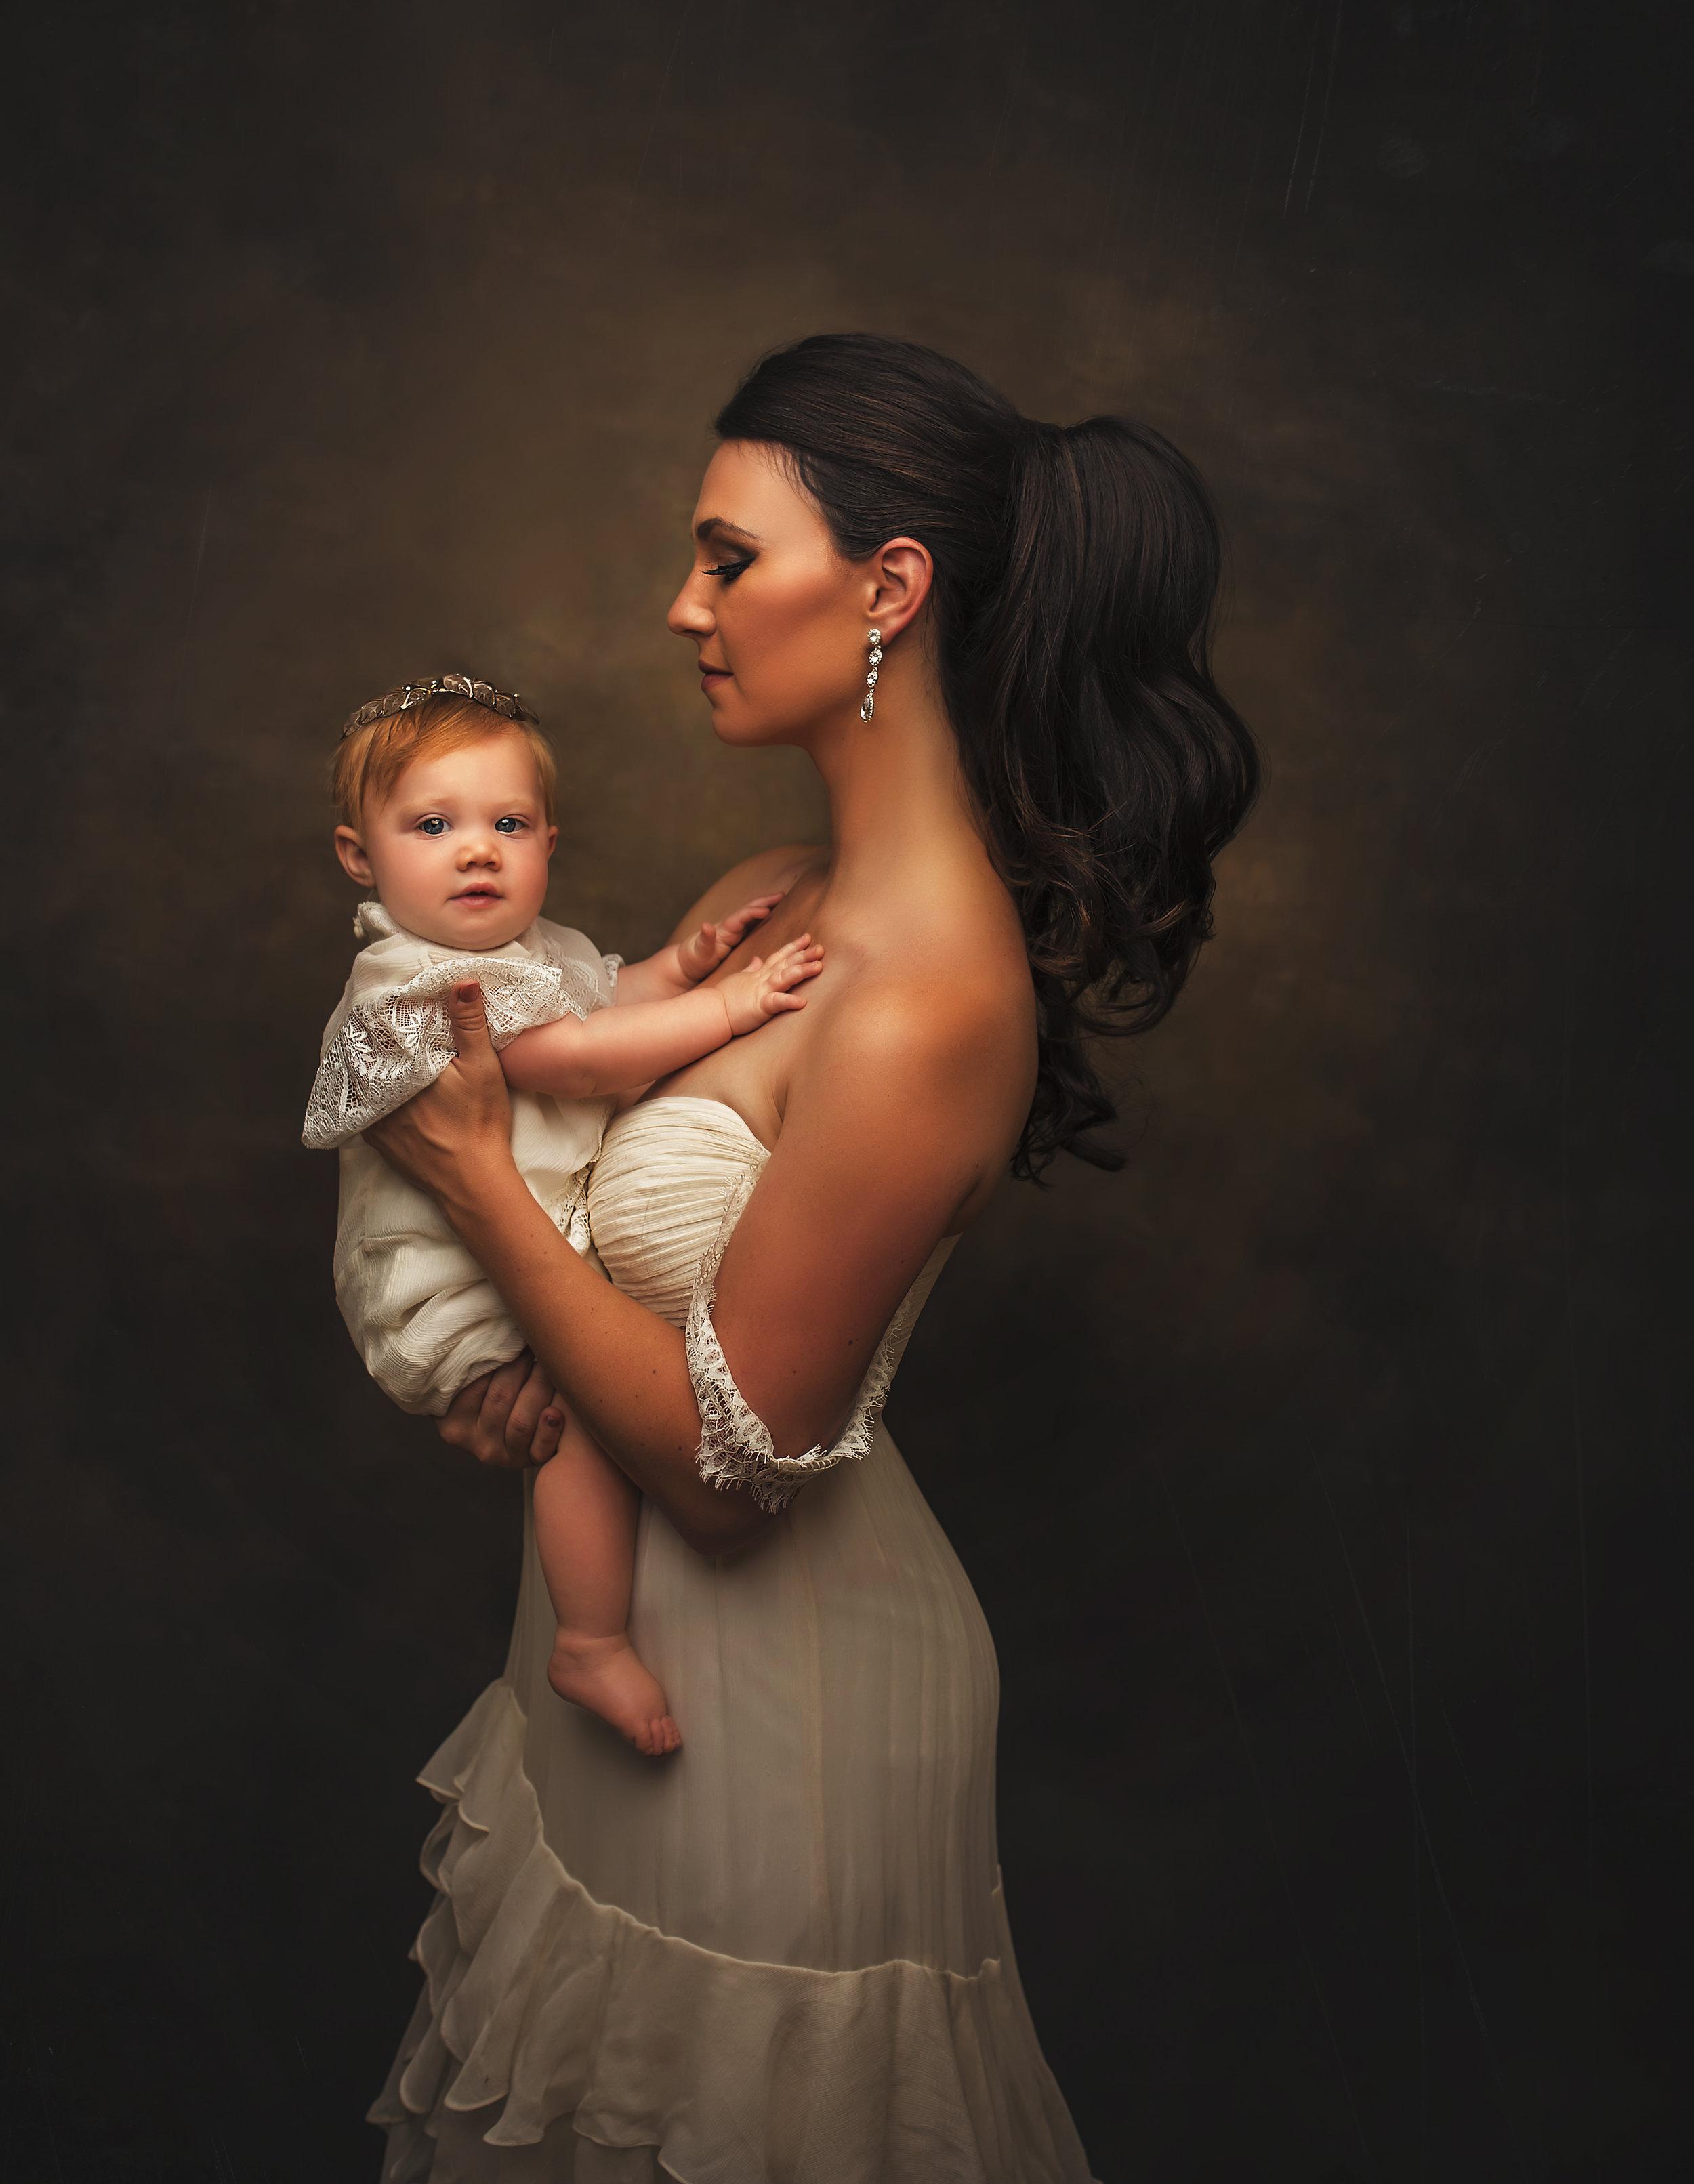 Houston motherhood photography